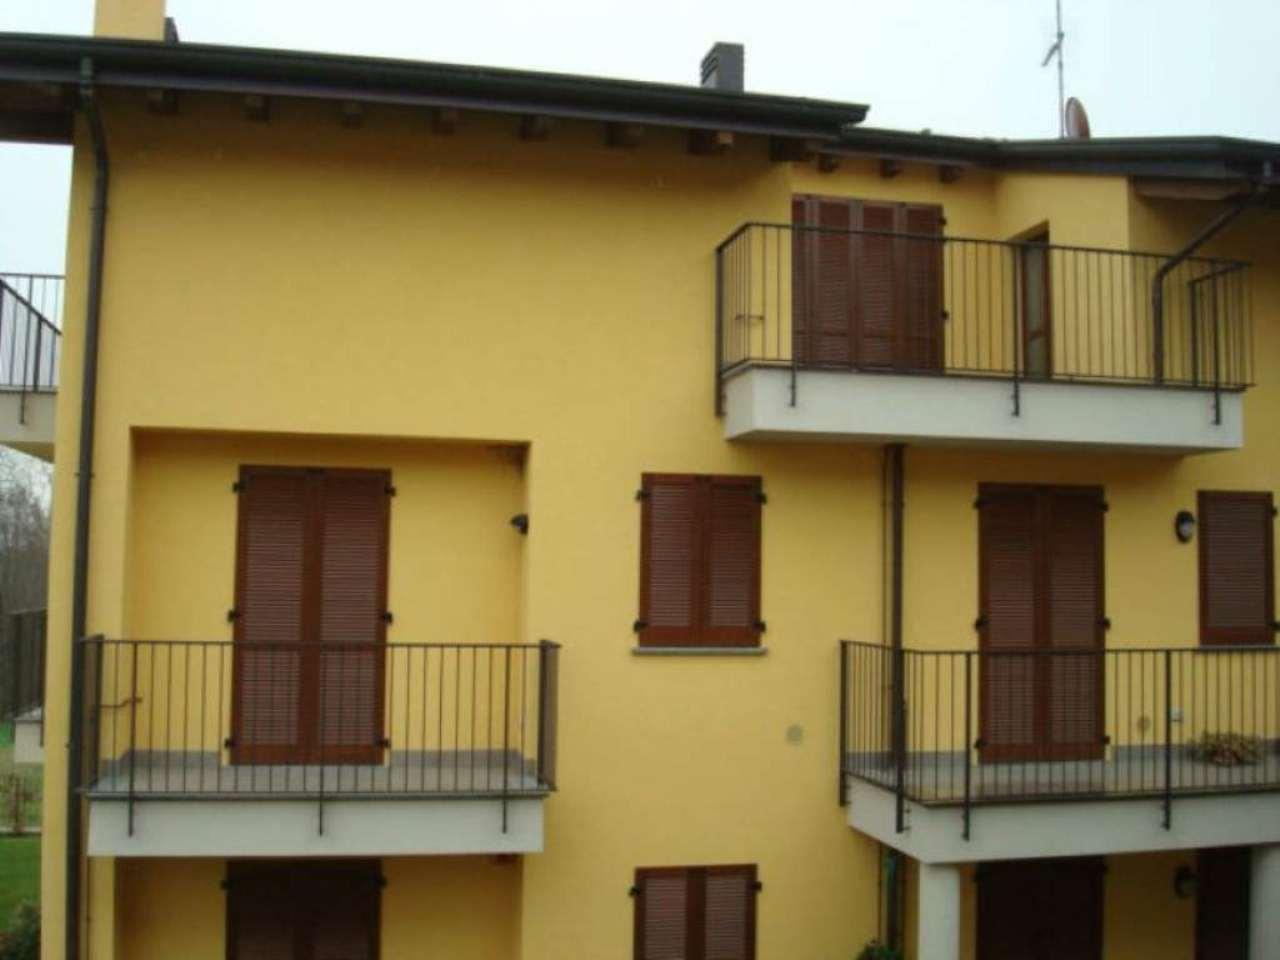 Appartamento in vendita a Lambrugo, 4 locali, Trattative riservate | Cambio Casa.it